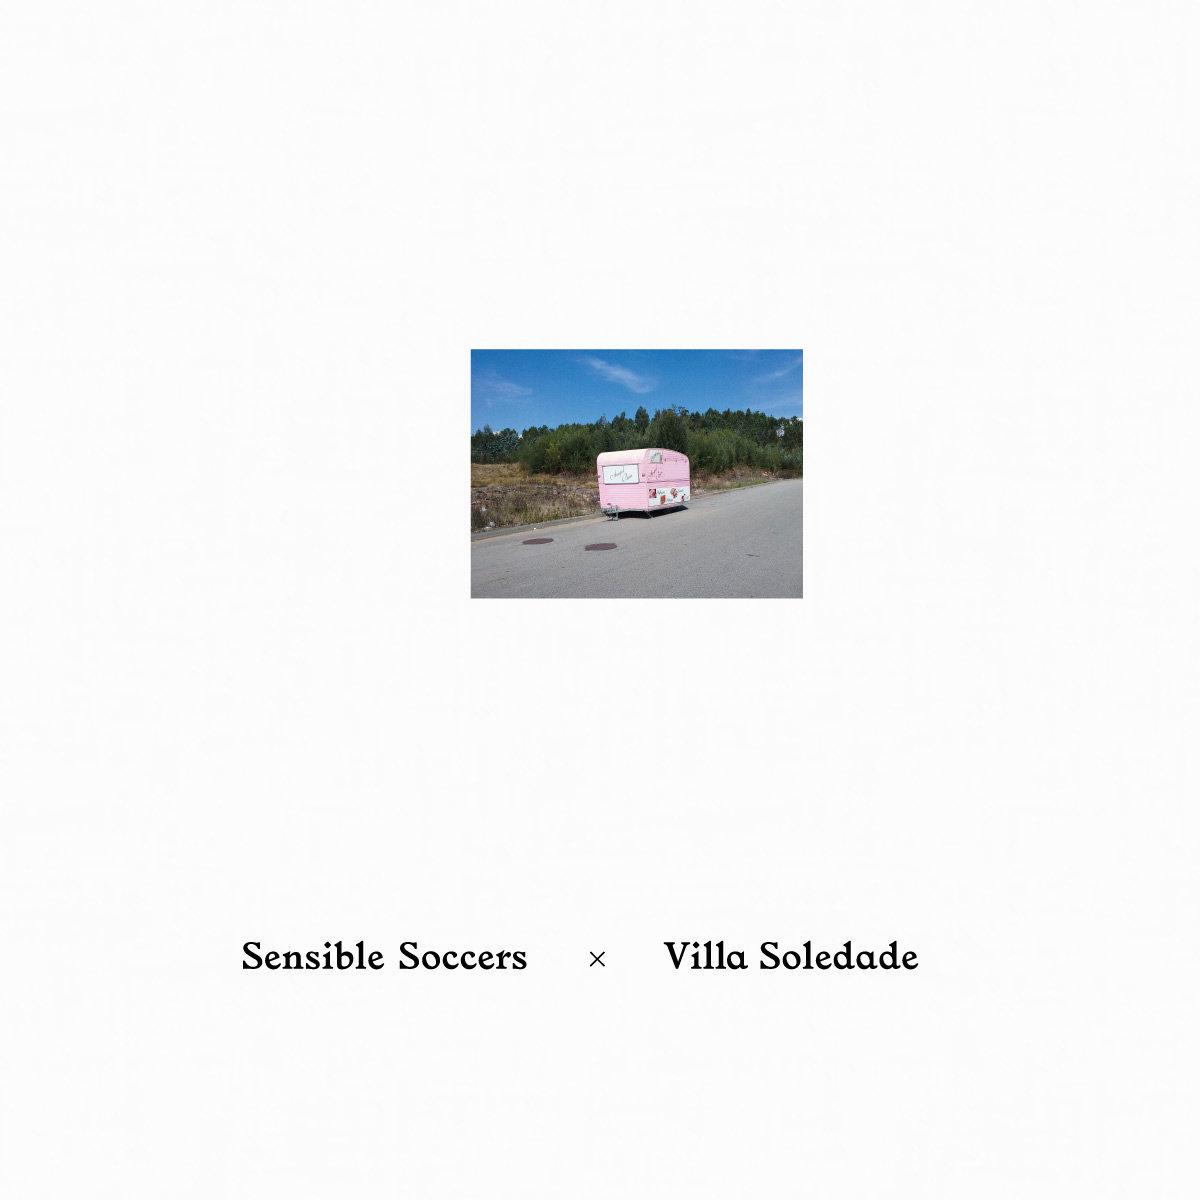 Sensible Soccers - Villa Soledade